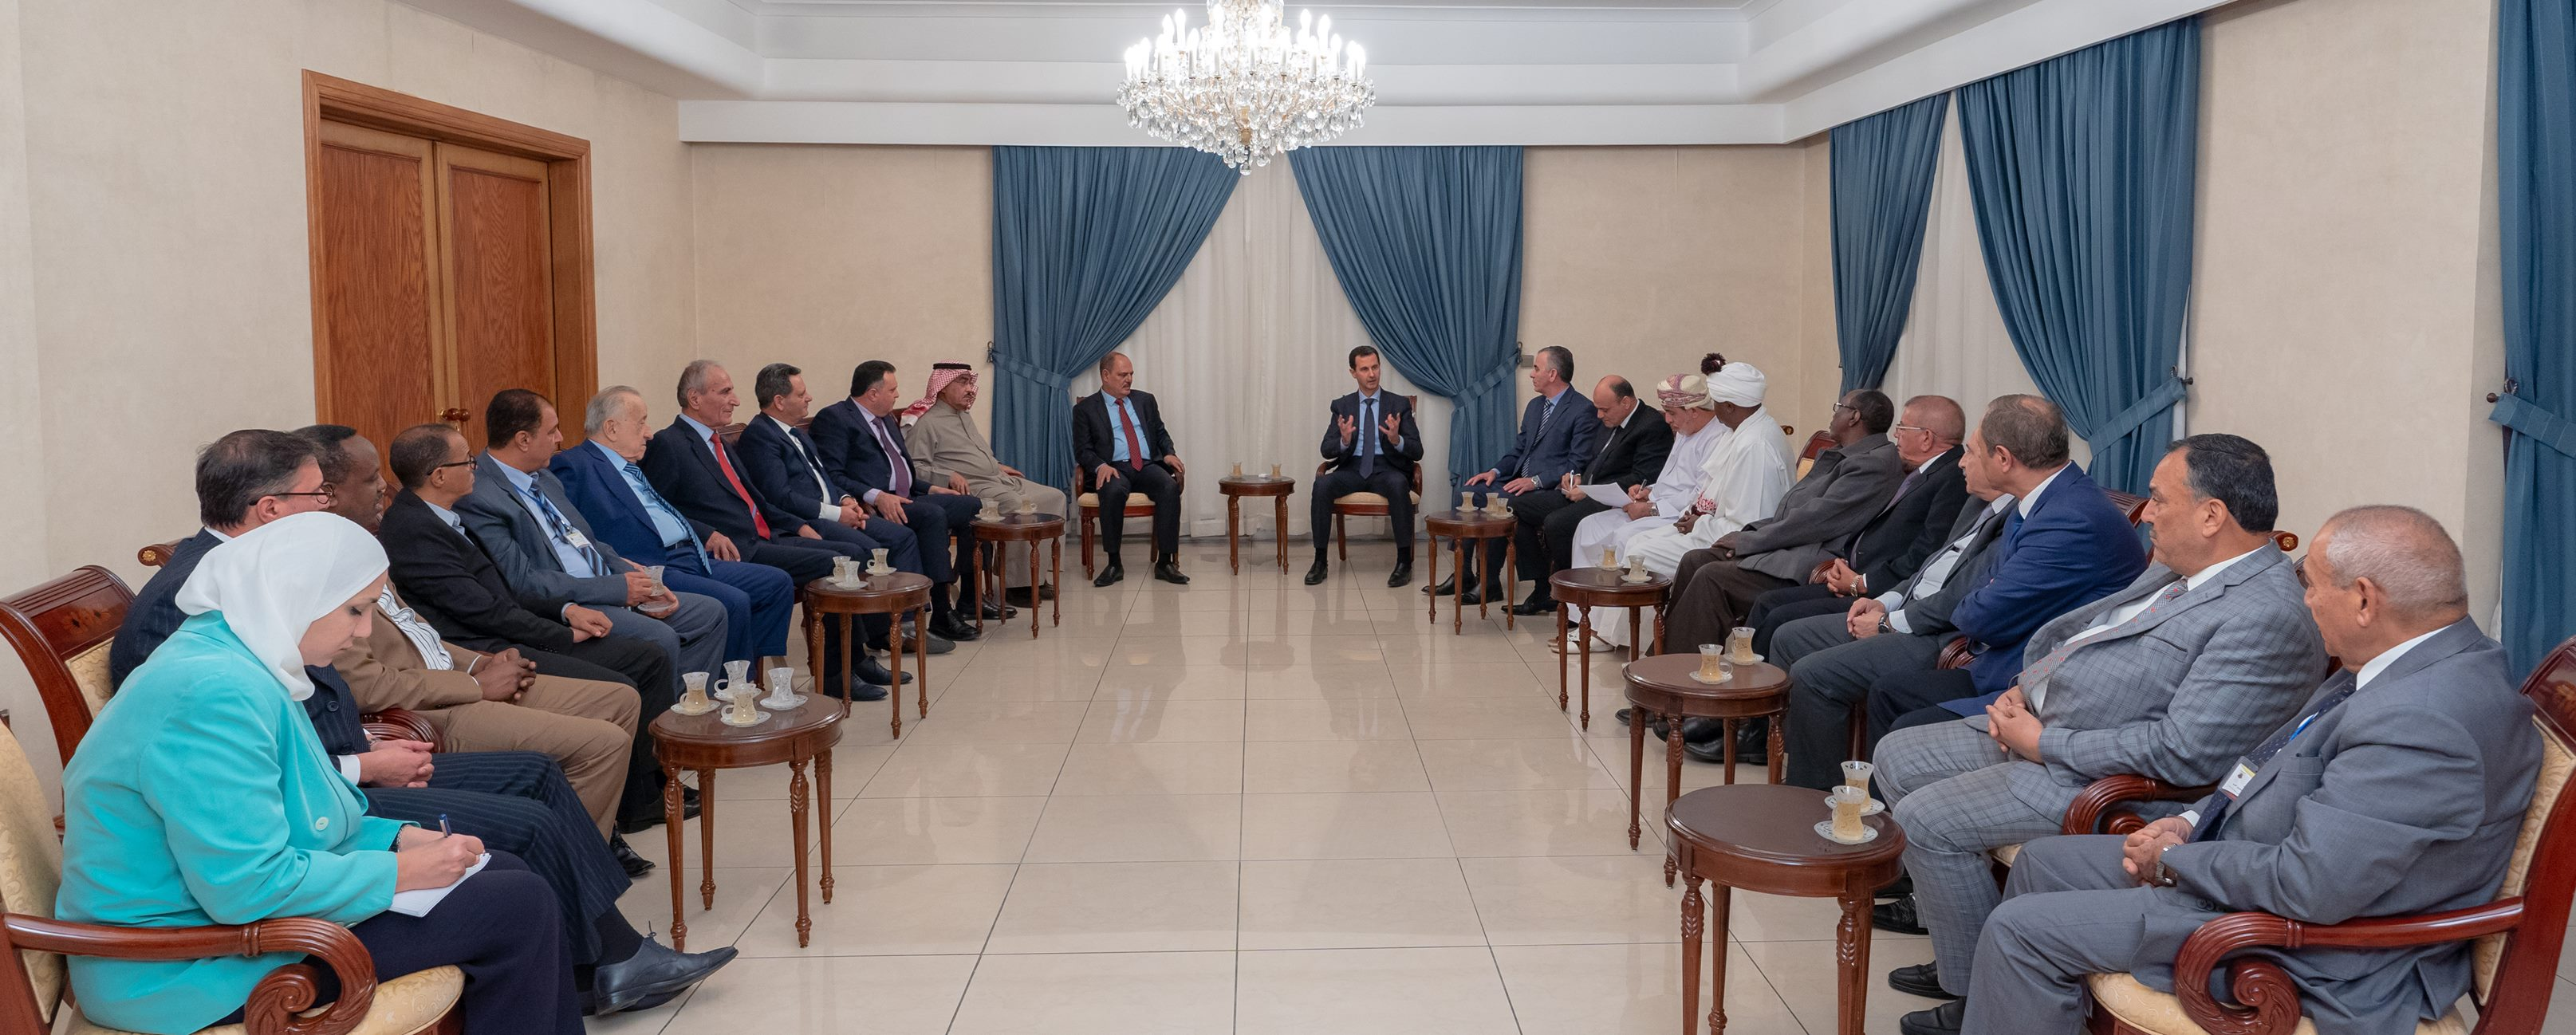 بينهم ناجي البغوري: بشّار الأسد يستقبل وفدا عن اتّحاد الصحفيين العرب